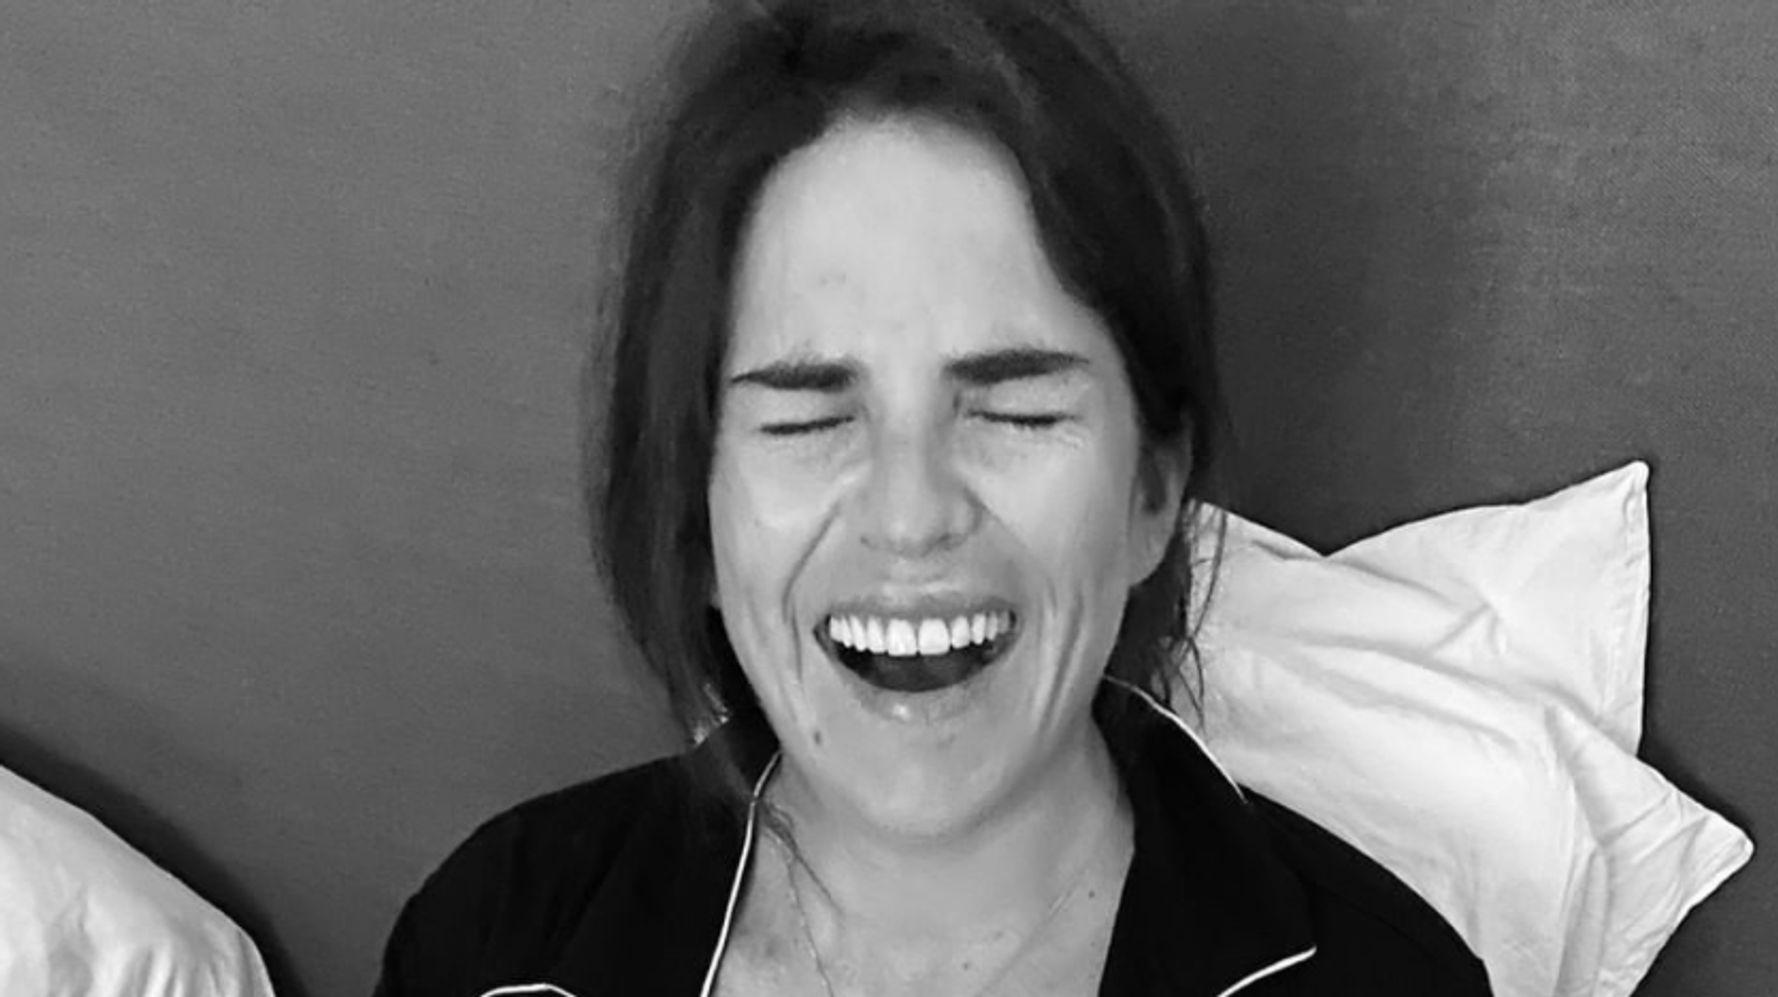 La photo virale de cette actrice montre que la maternité est à la fois merveilleuse et éprouvante